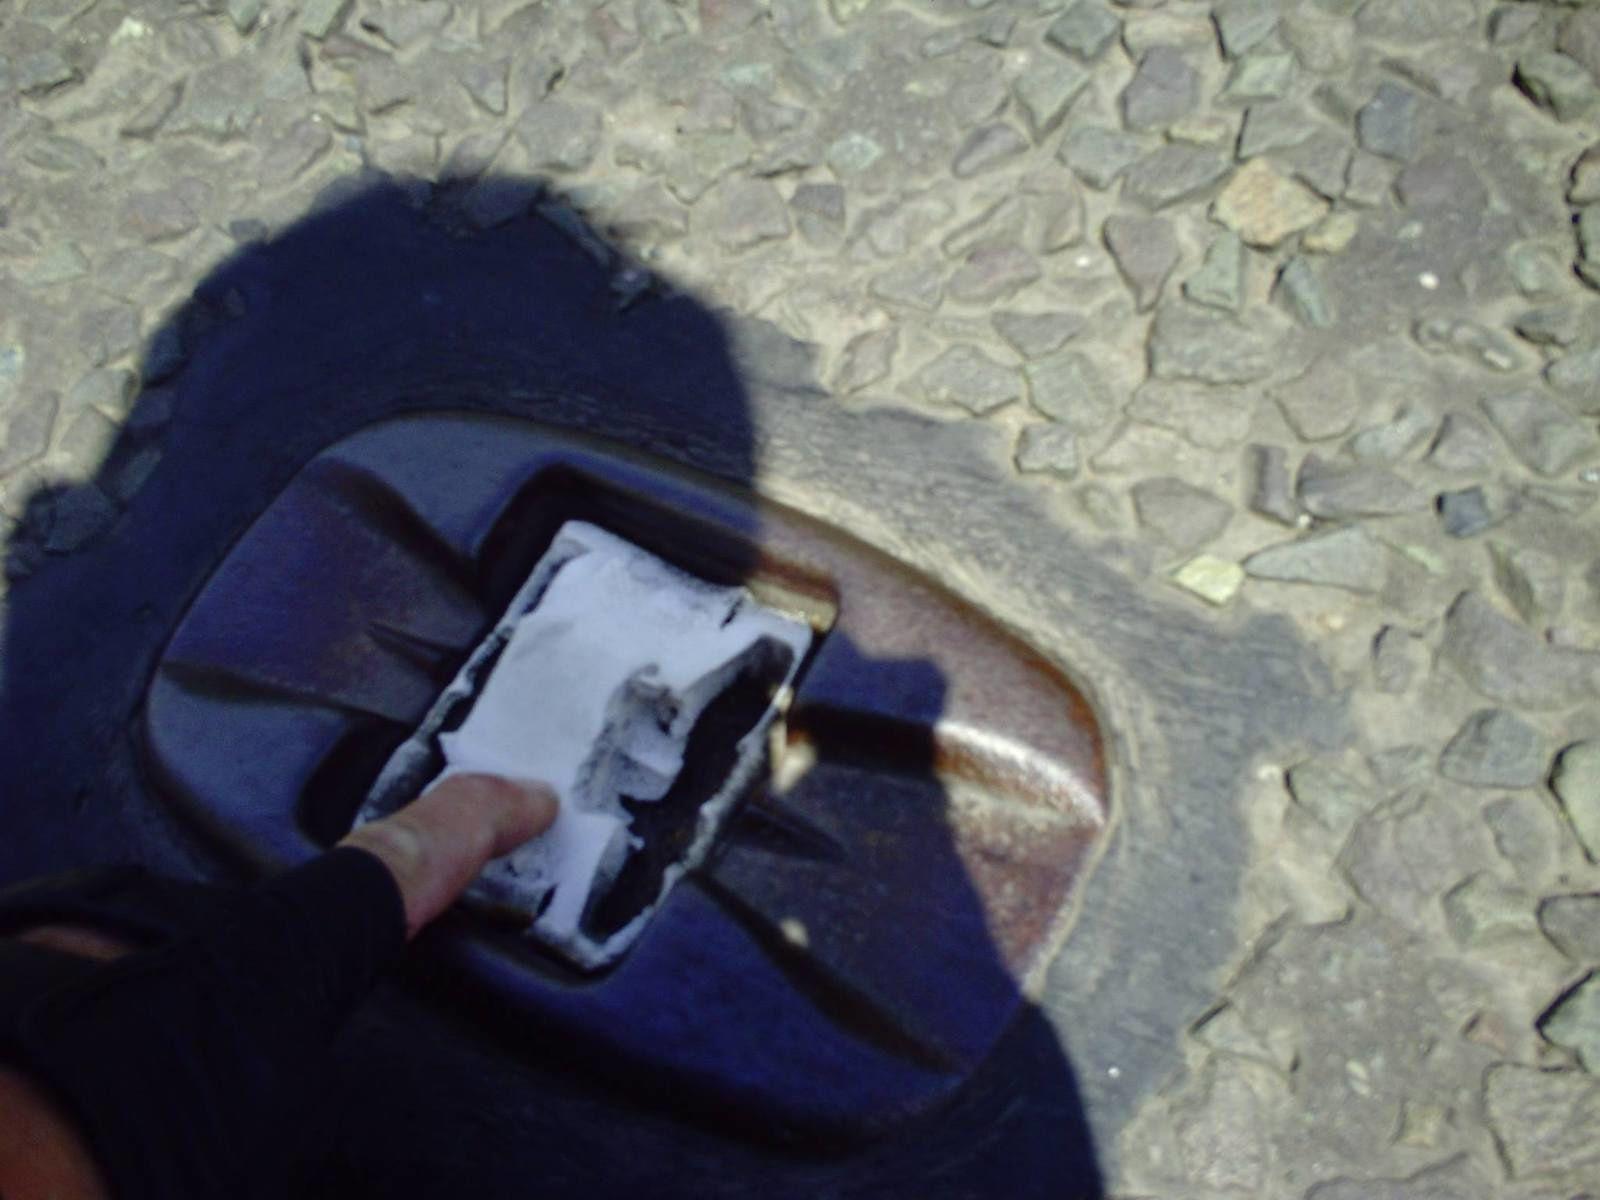 PHOTOS À L'ARRÊT - DES TONNES DE MÉTAL SUR LES ROUTES - AU MILIEU SPONGIEUX CAOUTCHOUTÉ AVEC DEUX ÉLÉMENTS RÉFLÉCHISSANTS